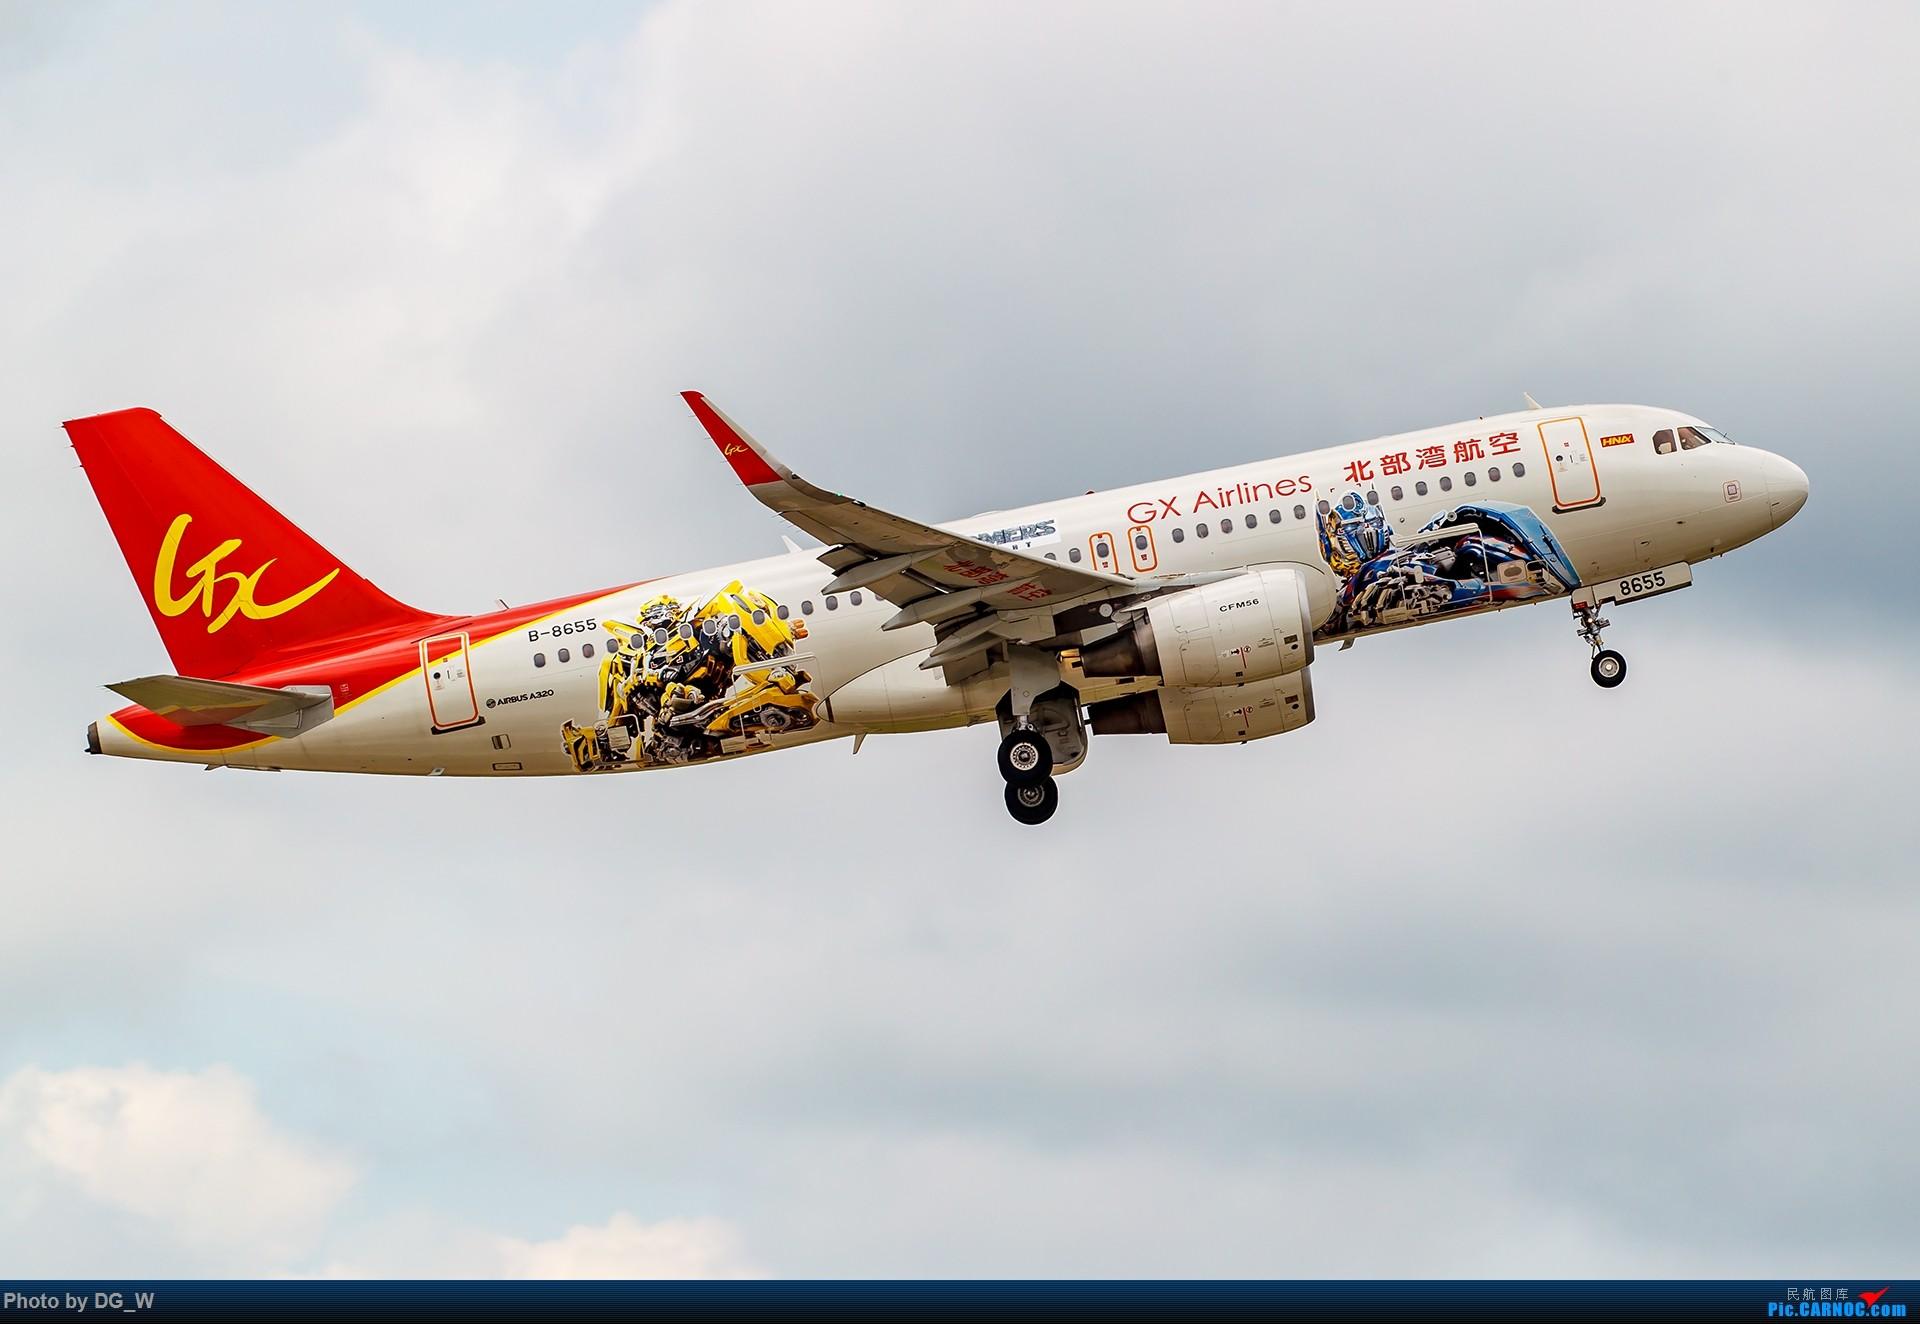 Re:[原创]【南宁飞友】汽车人,起飞——记北部湾航空变形金刚彩绘机首航 AIRBUS A320-200 B-8655 中国南宁吴圩国际机场